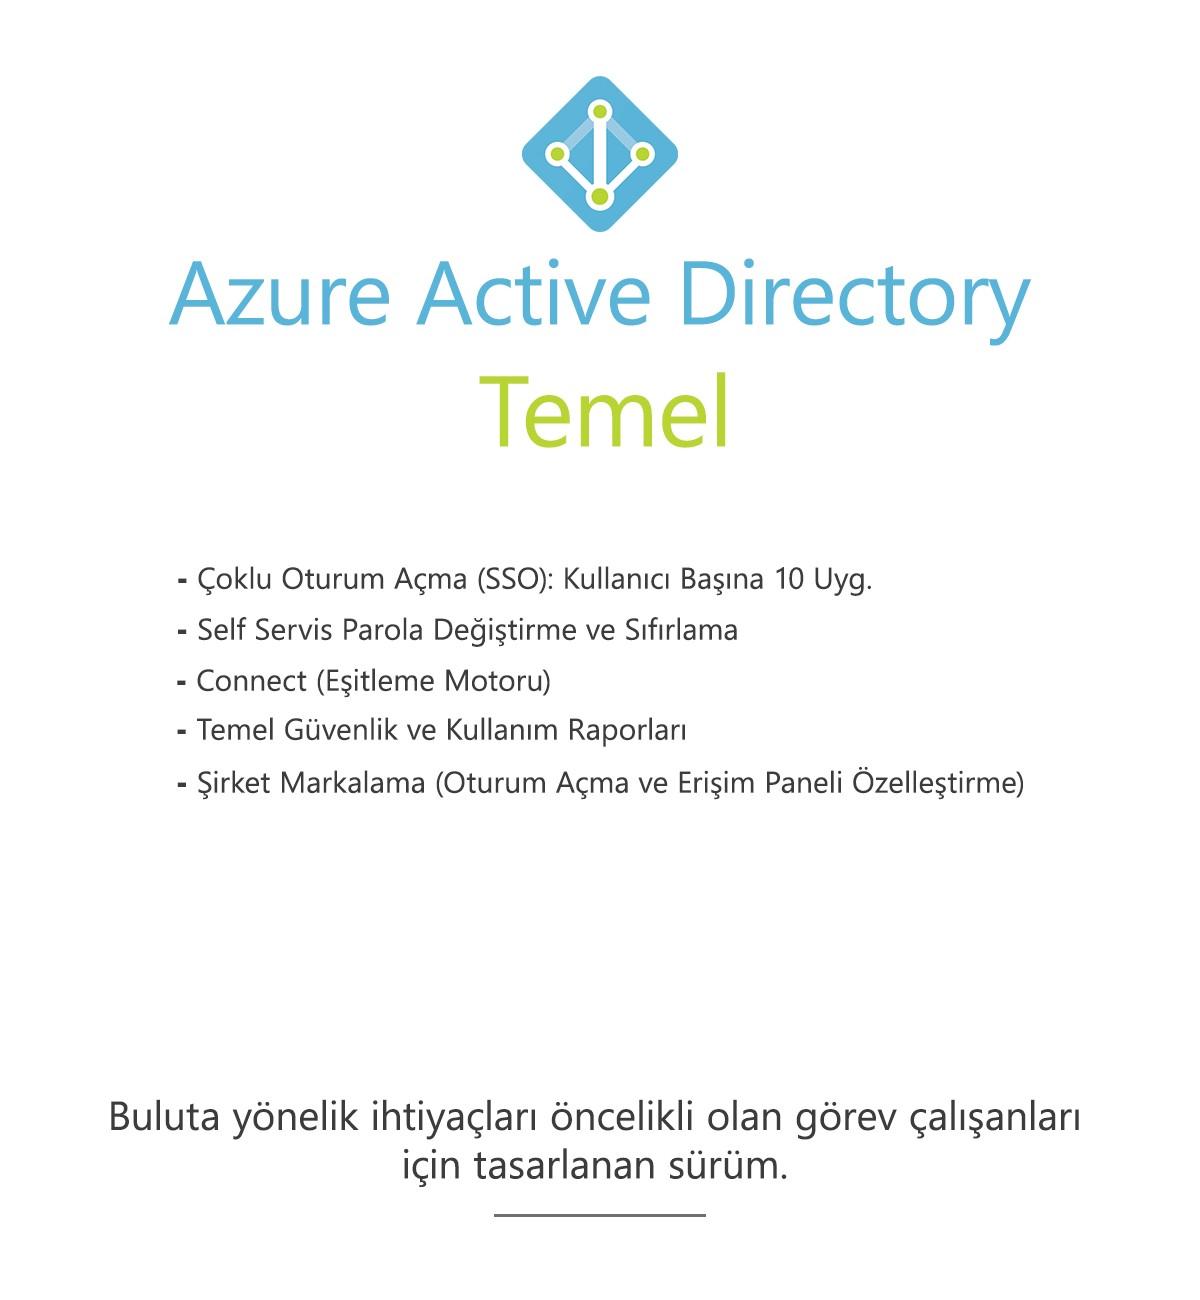 Azure Active Directory Temel